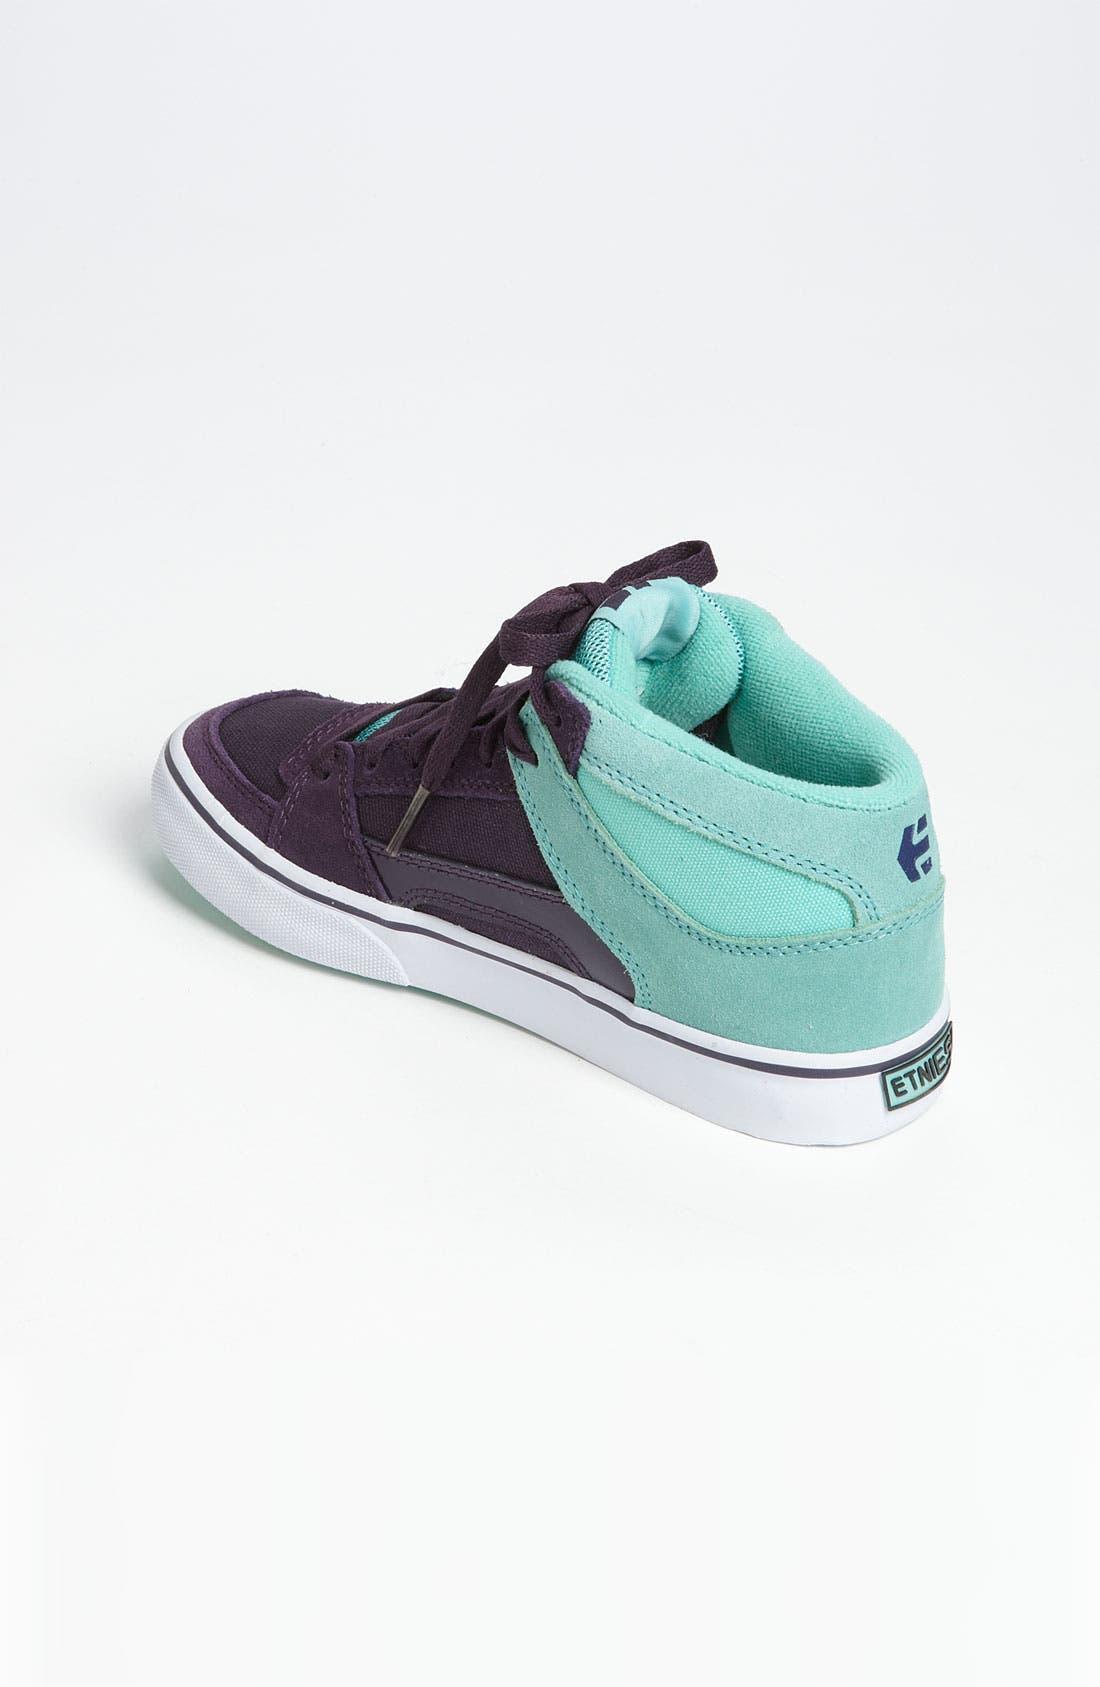 Alternate Image 2  - Etnies 'RVM' Skate Shoe (Toddler, Little Kid & Big Kid)